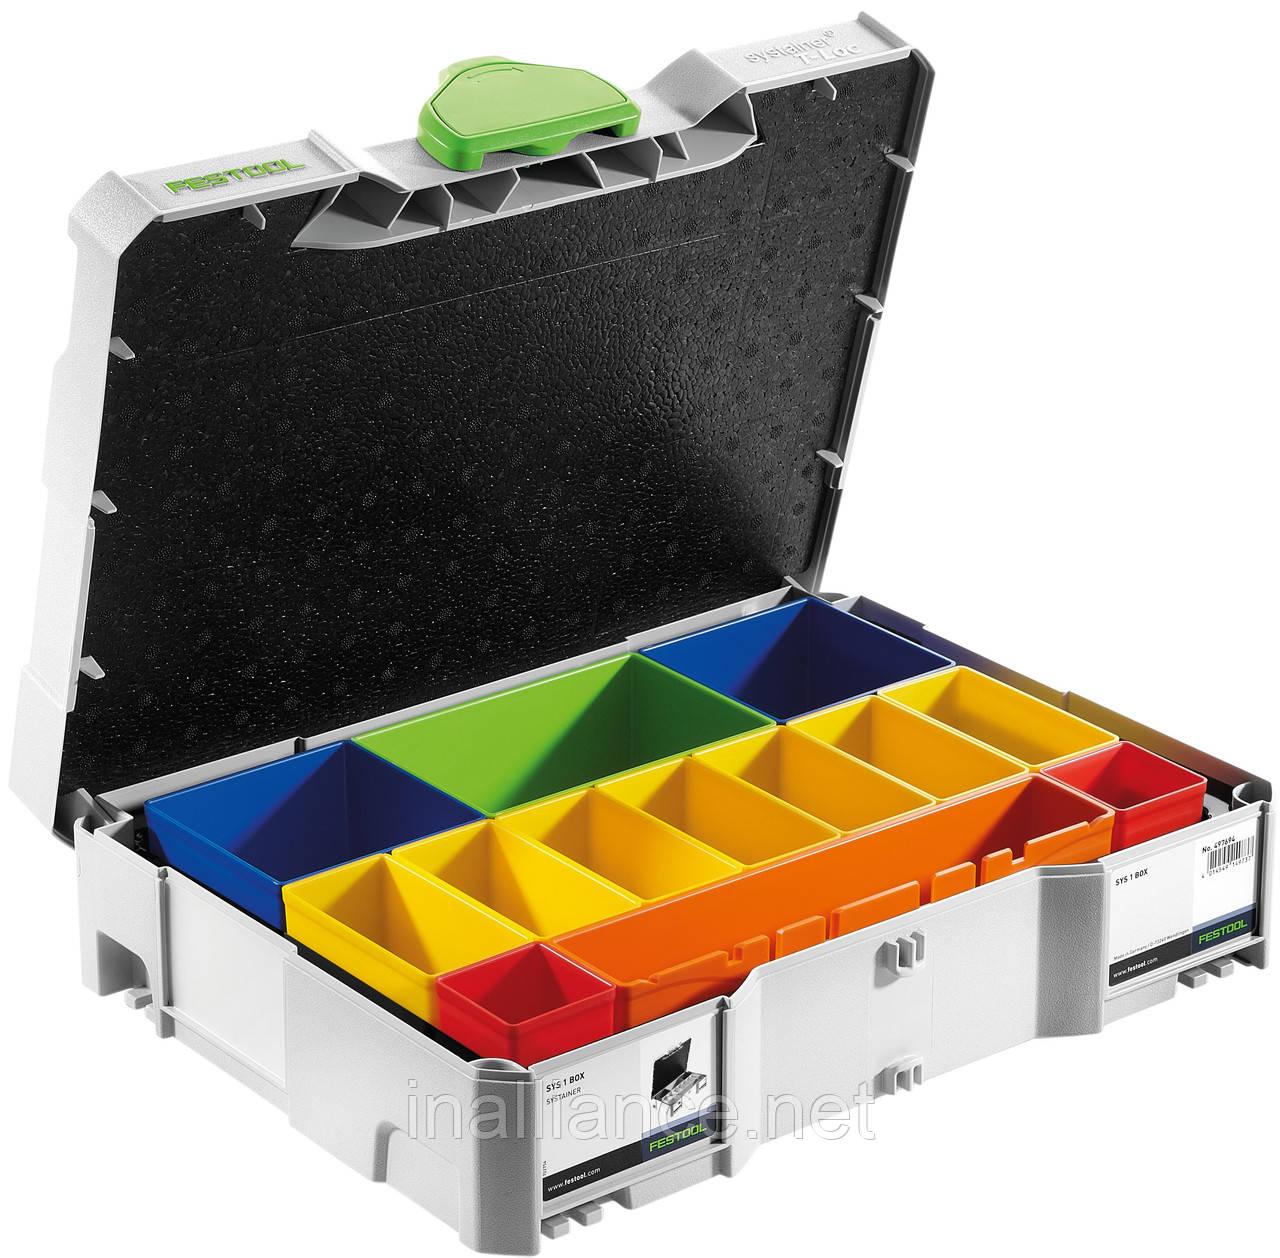 Систейнер с универсальными вкладышами T-LOC SYS 1 BOX Festool 497694